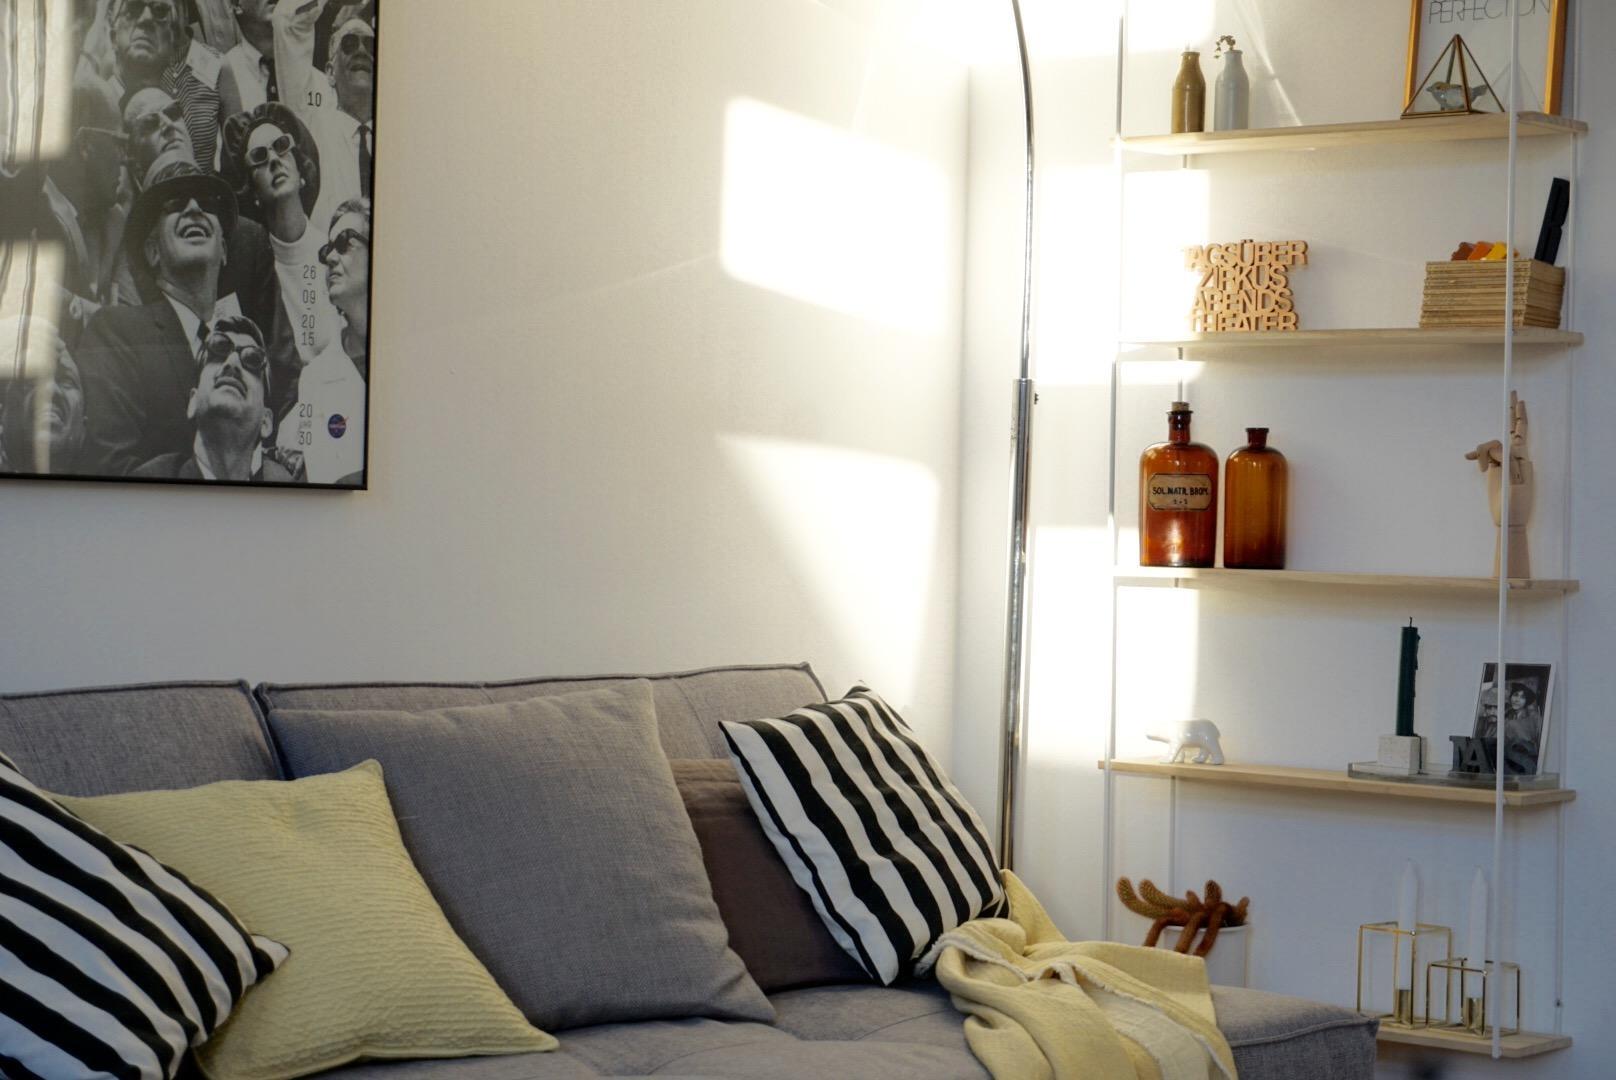 #abendsonne Im #wohnzimmer Mit #shelfie   Ach, Der #sommer Ist So